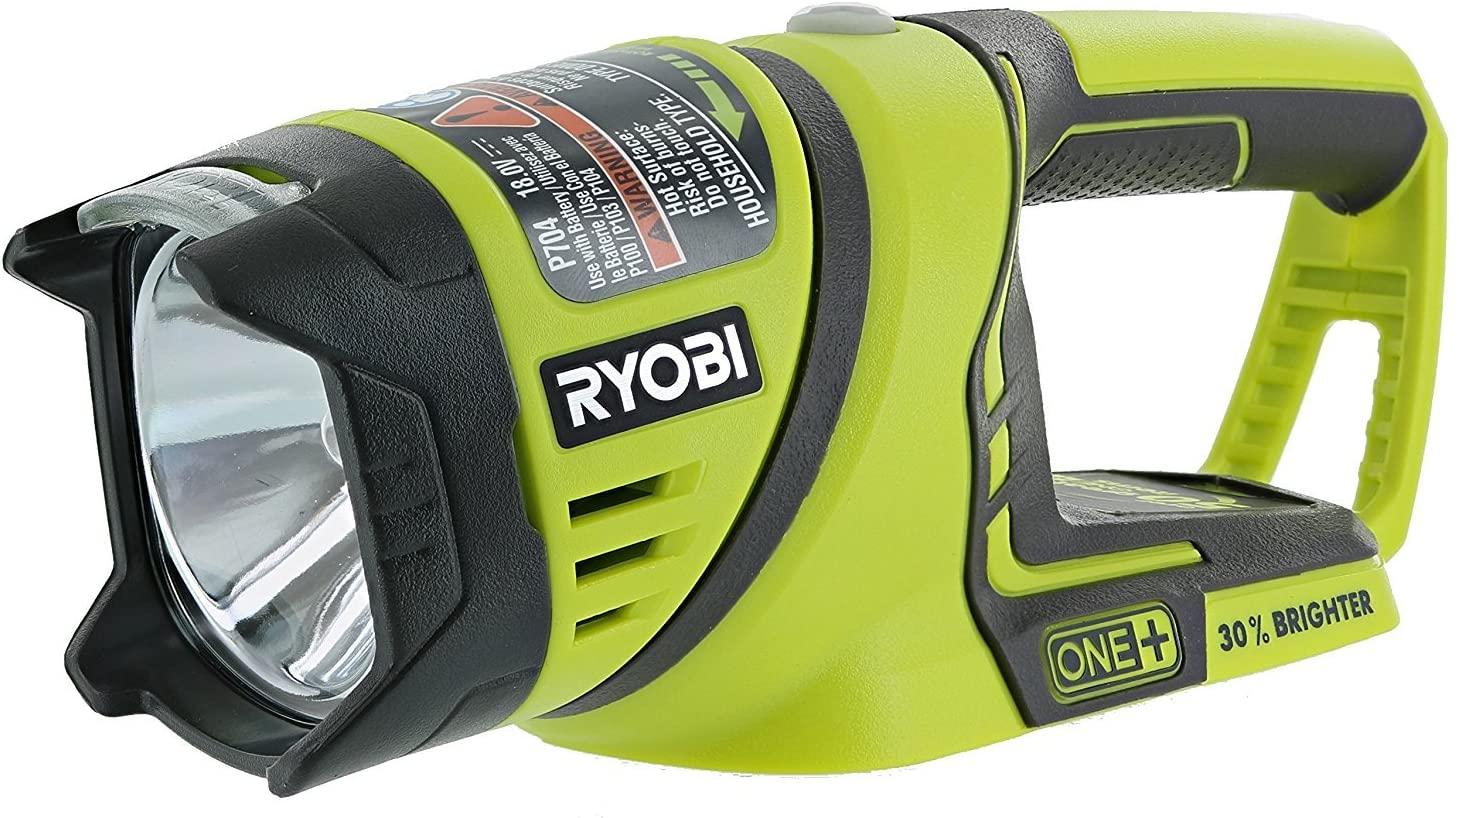 Ryobi P884 18V ONE+ flash light